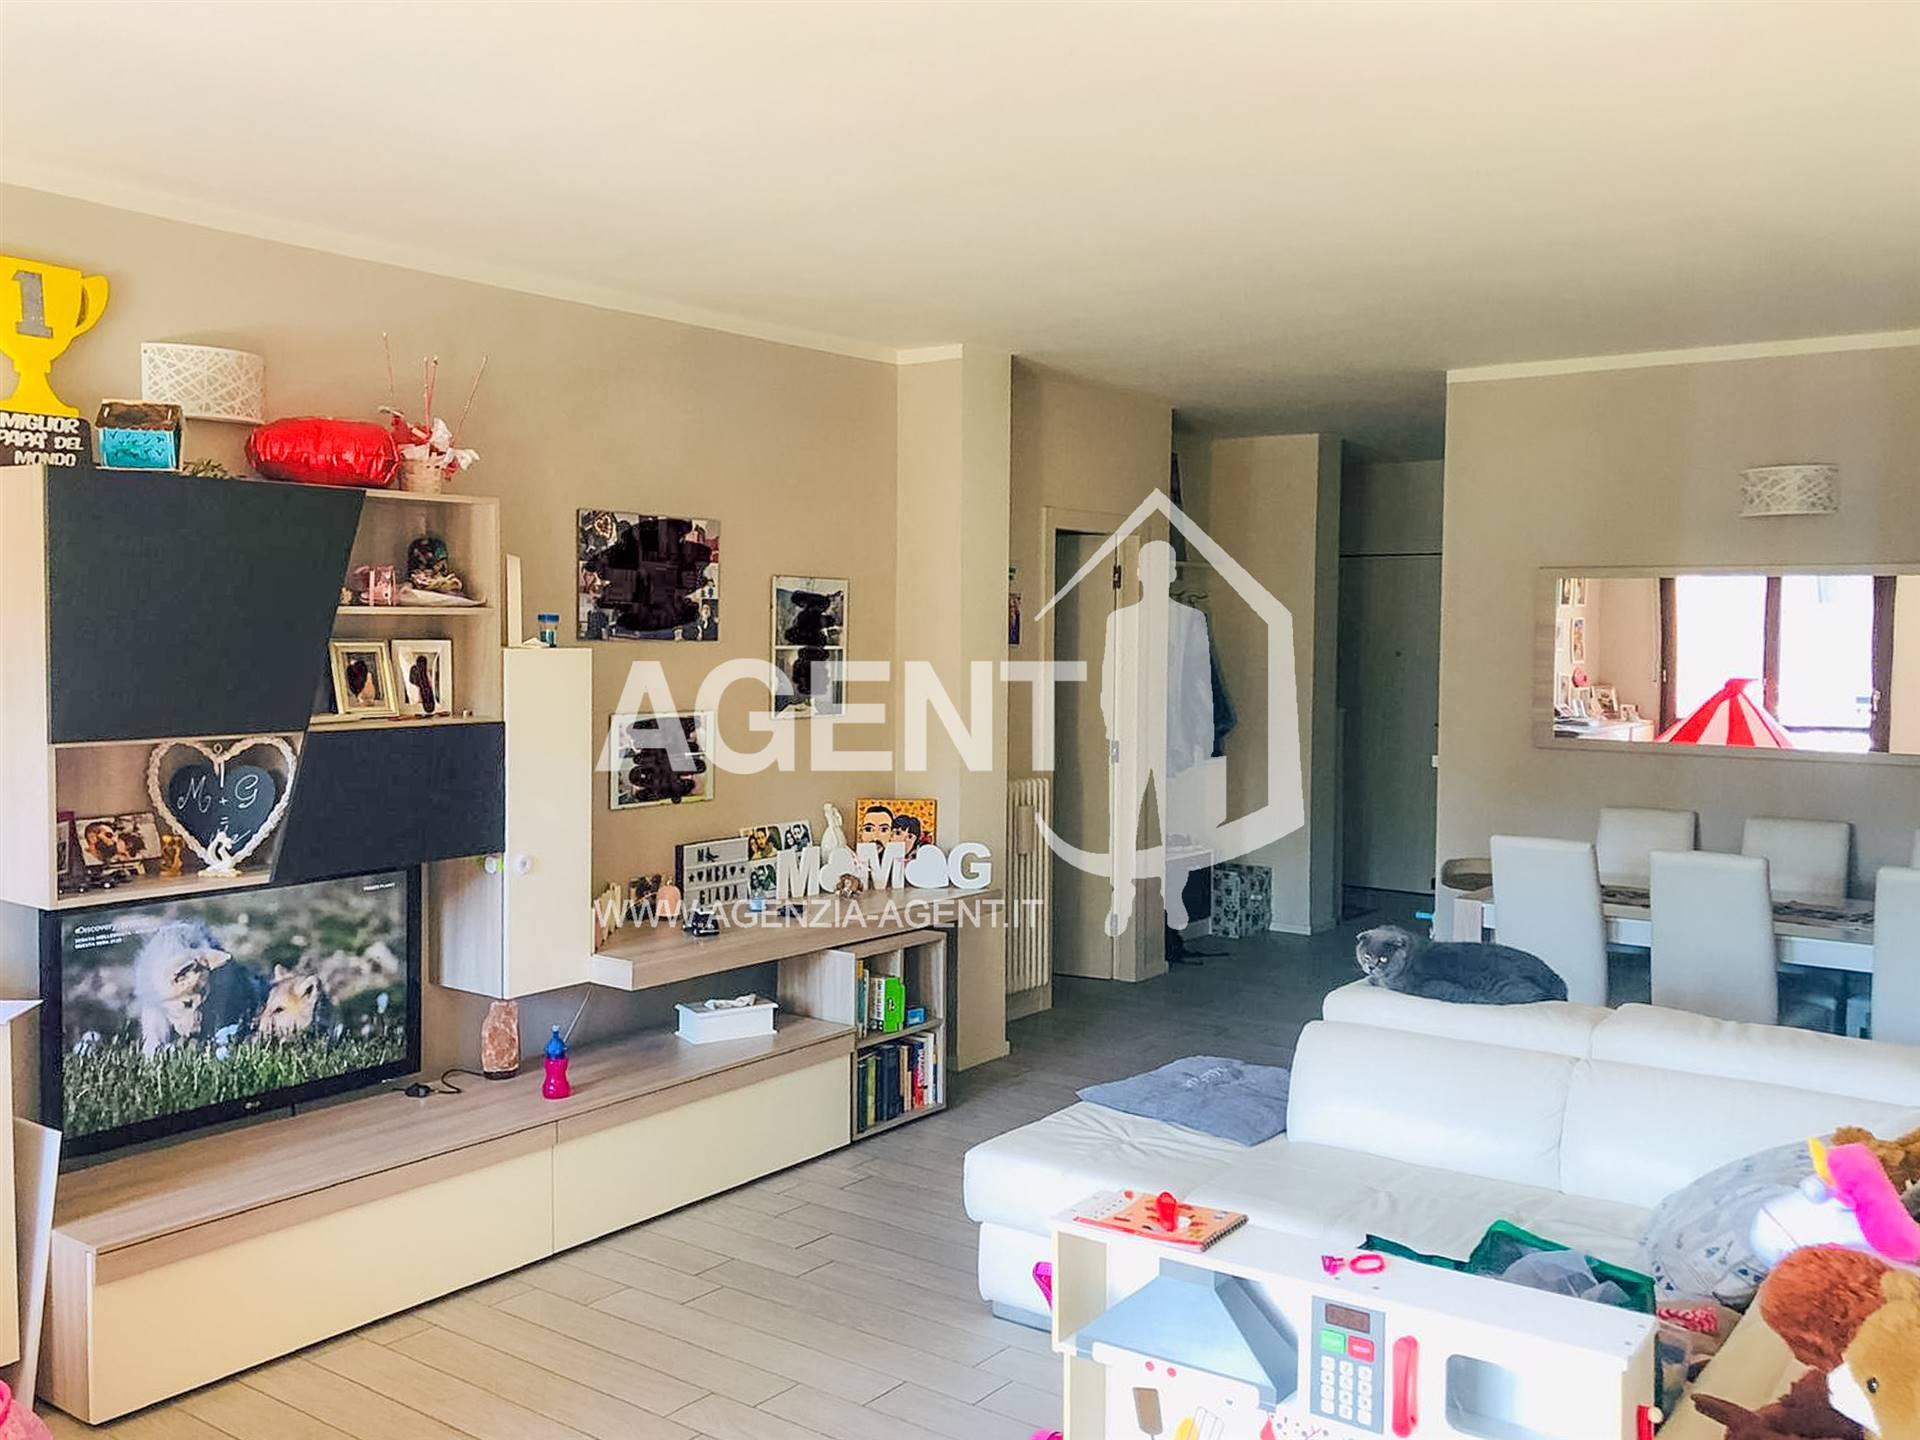 Appartamento in vendita a Bagnara di Romagna, 6 locali, prezzo € 180.000 | PortaleAgenzieImmobiliari.it